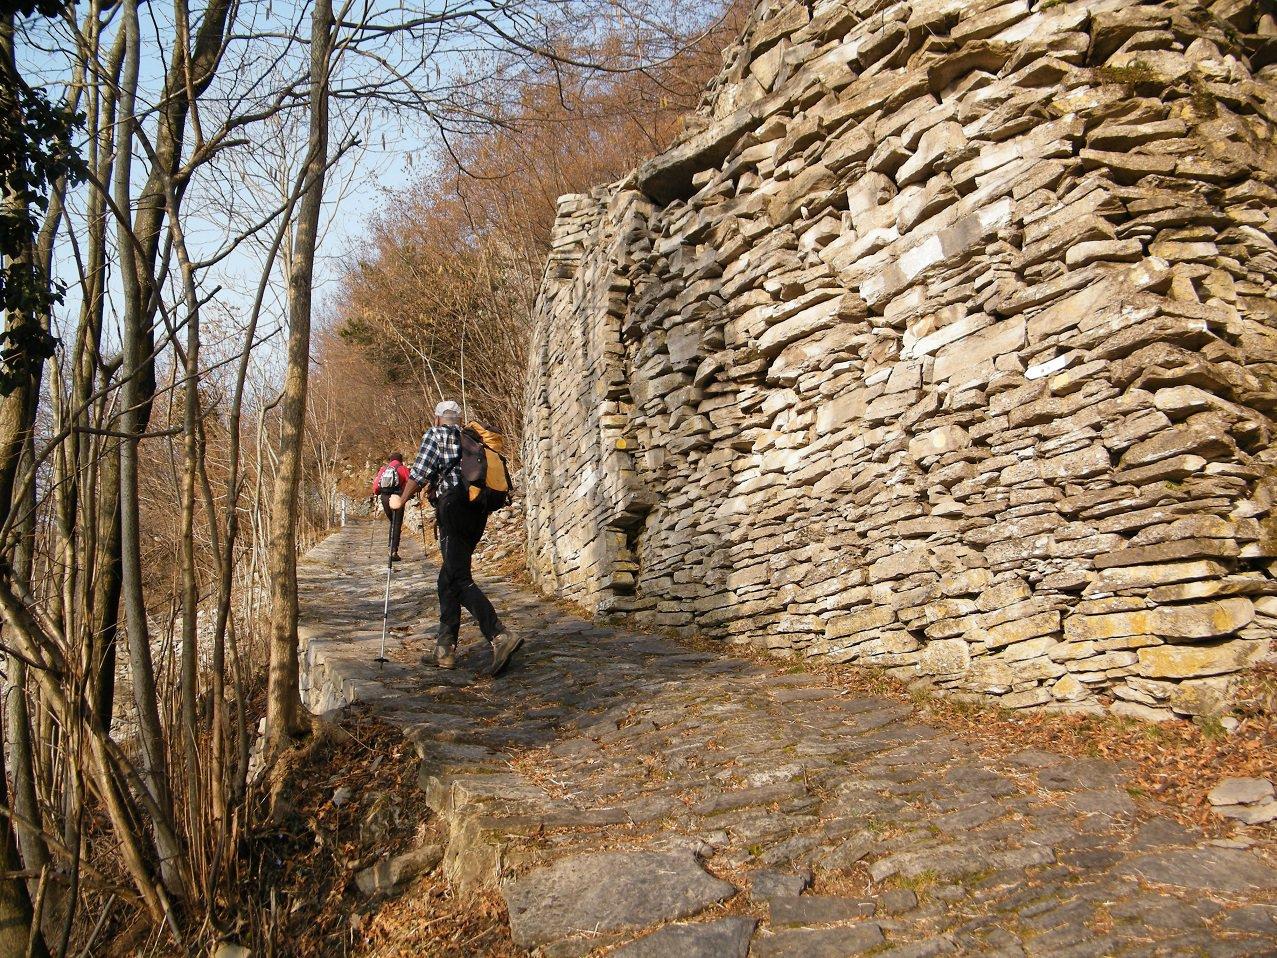 Sulla stradina con gli impressionanti muri a secco